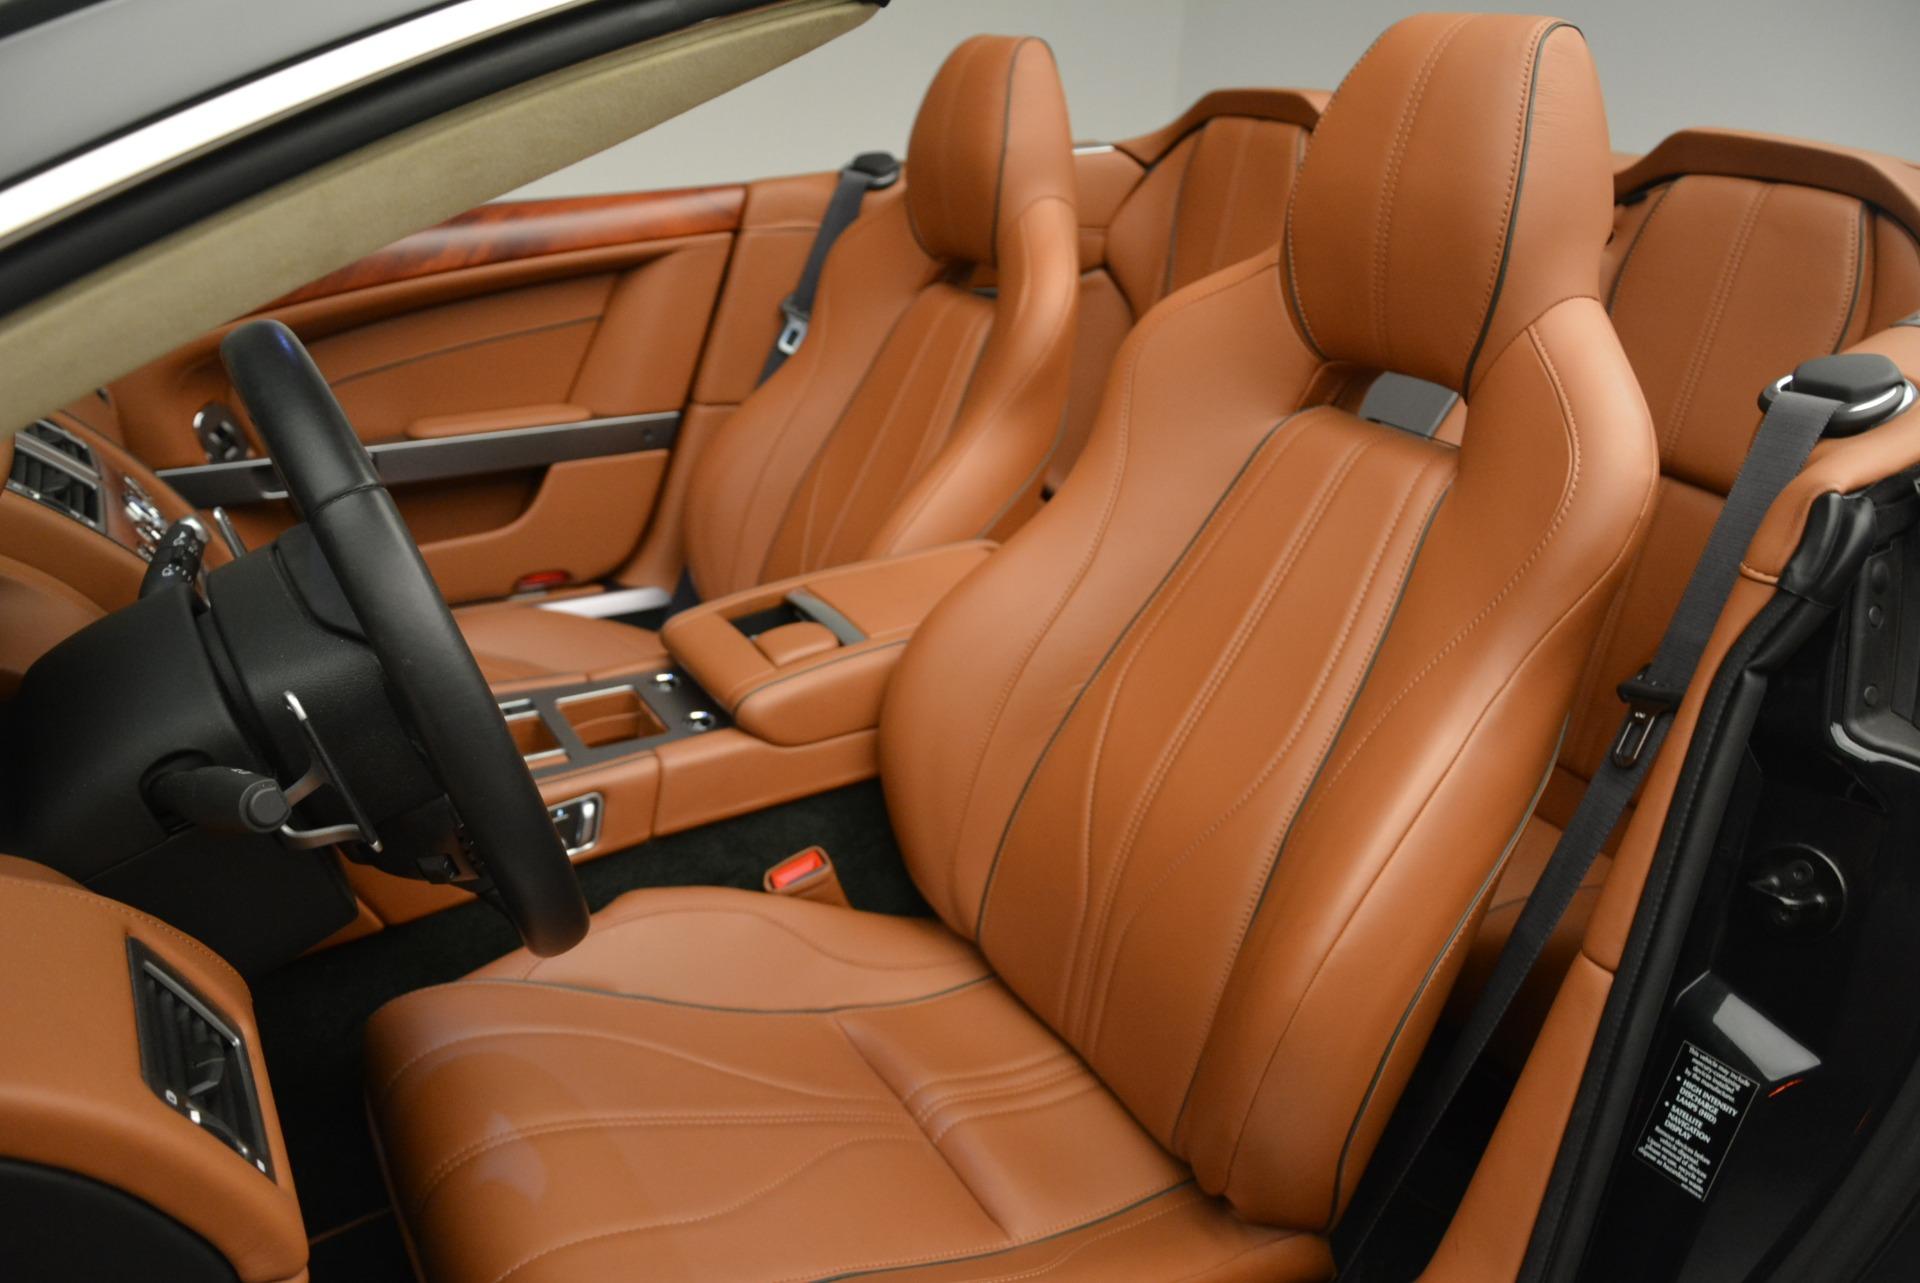 Used 2012 Aston Martin Virage Volante For Sale In Greenwich, CT 2508_p21